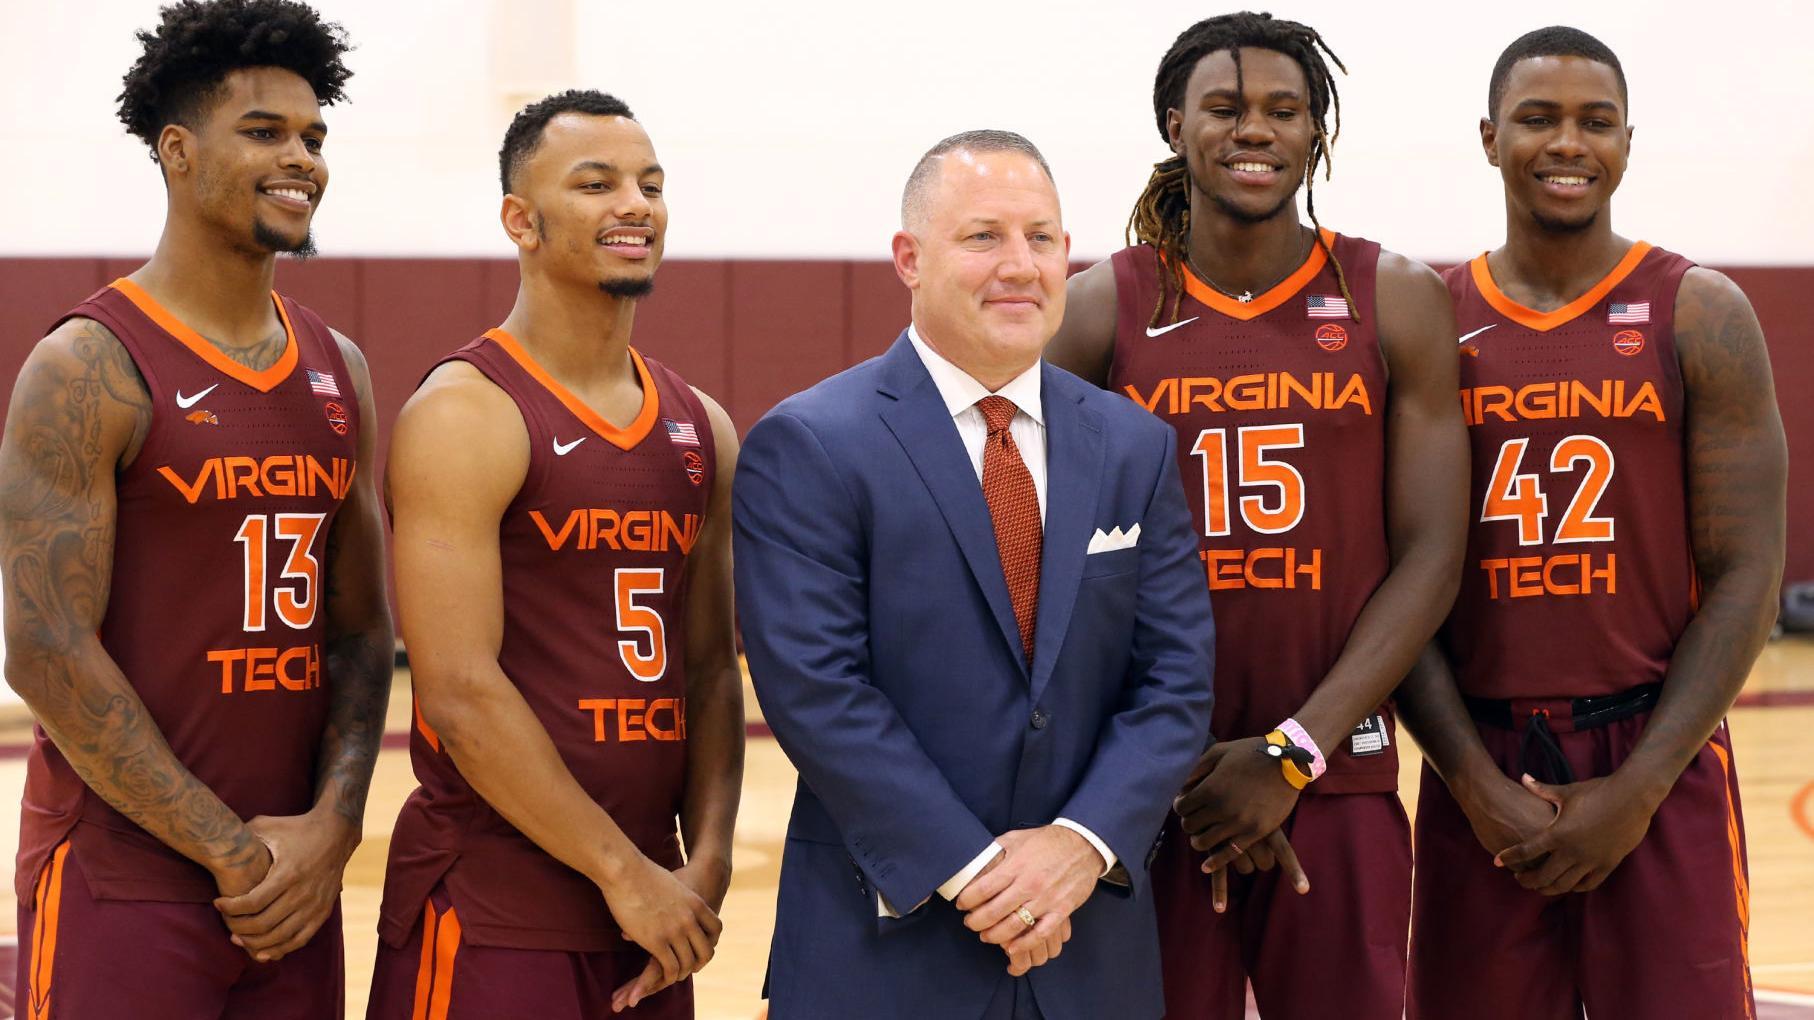 High Expectations For Virginia Tech Men S Basketball Team Virginia Tech Roanoke Com